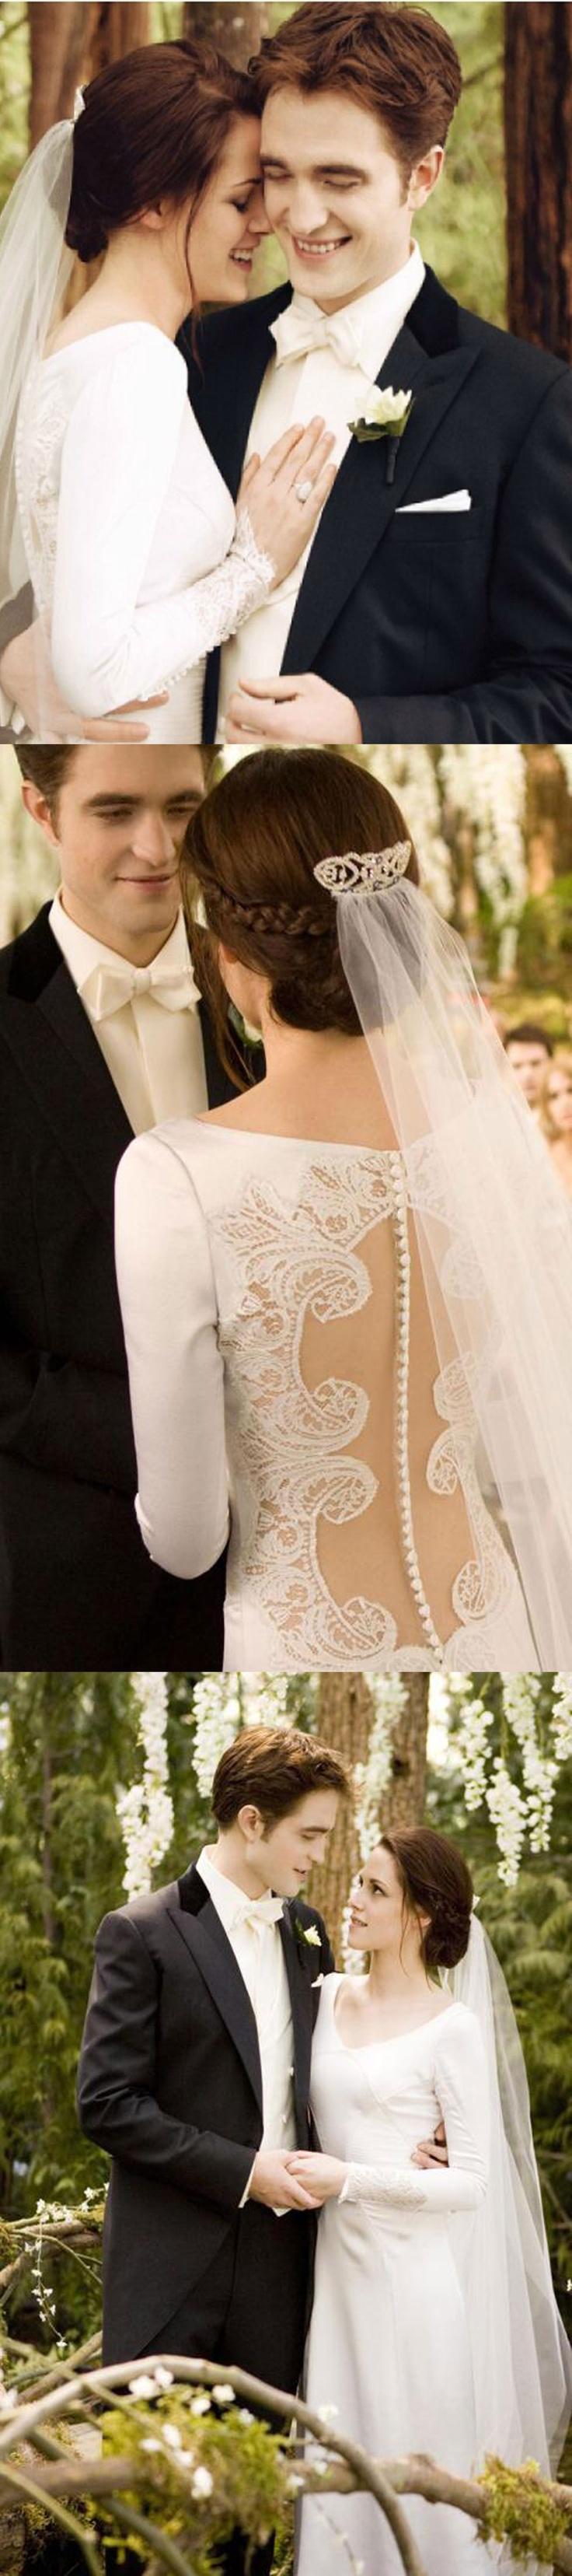 The Twilight Saga wedding~May their happy!